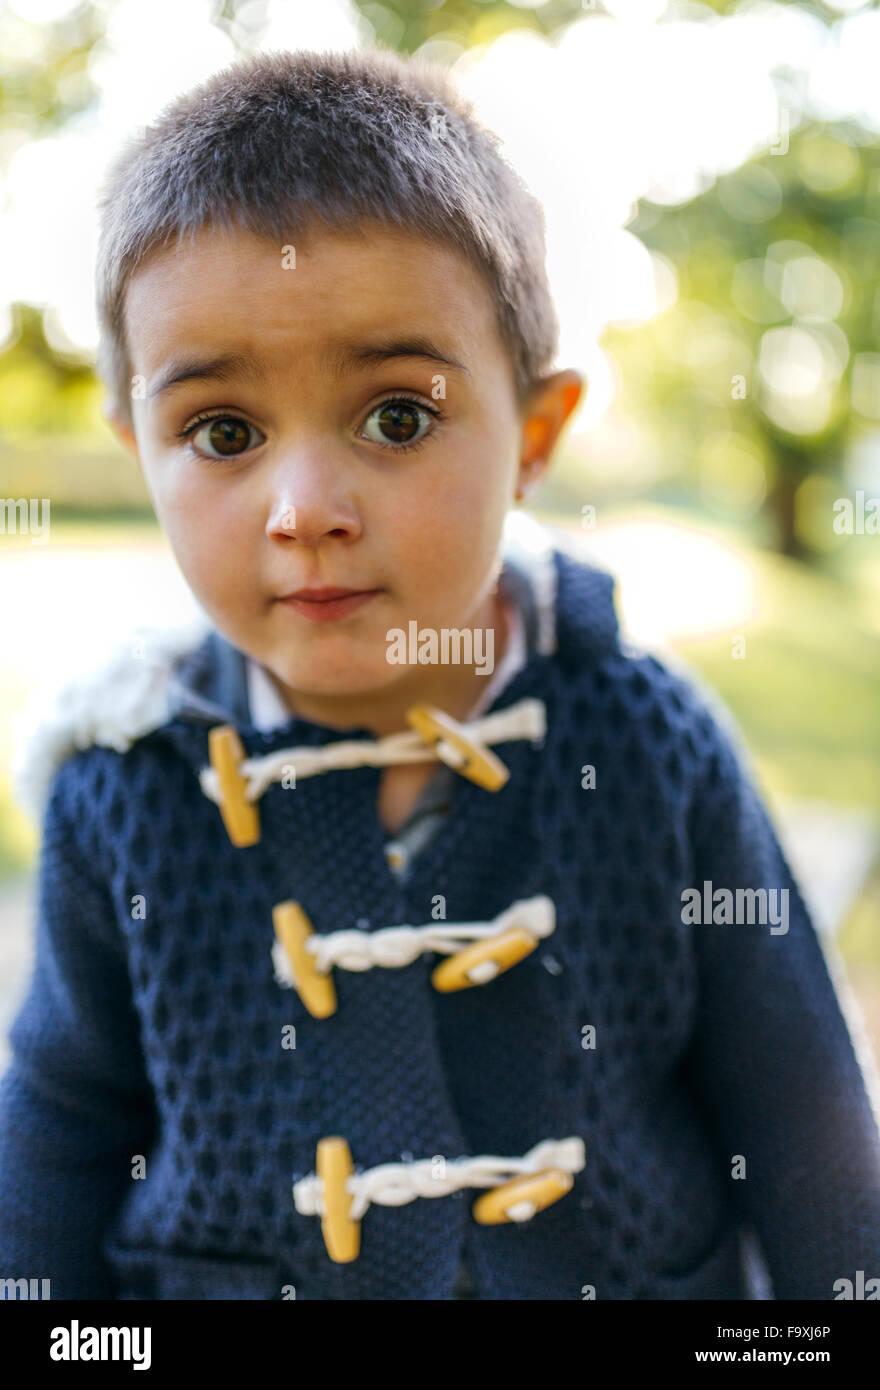 Porträt des kleinen Jungen mit offenen Augen Stockbild